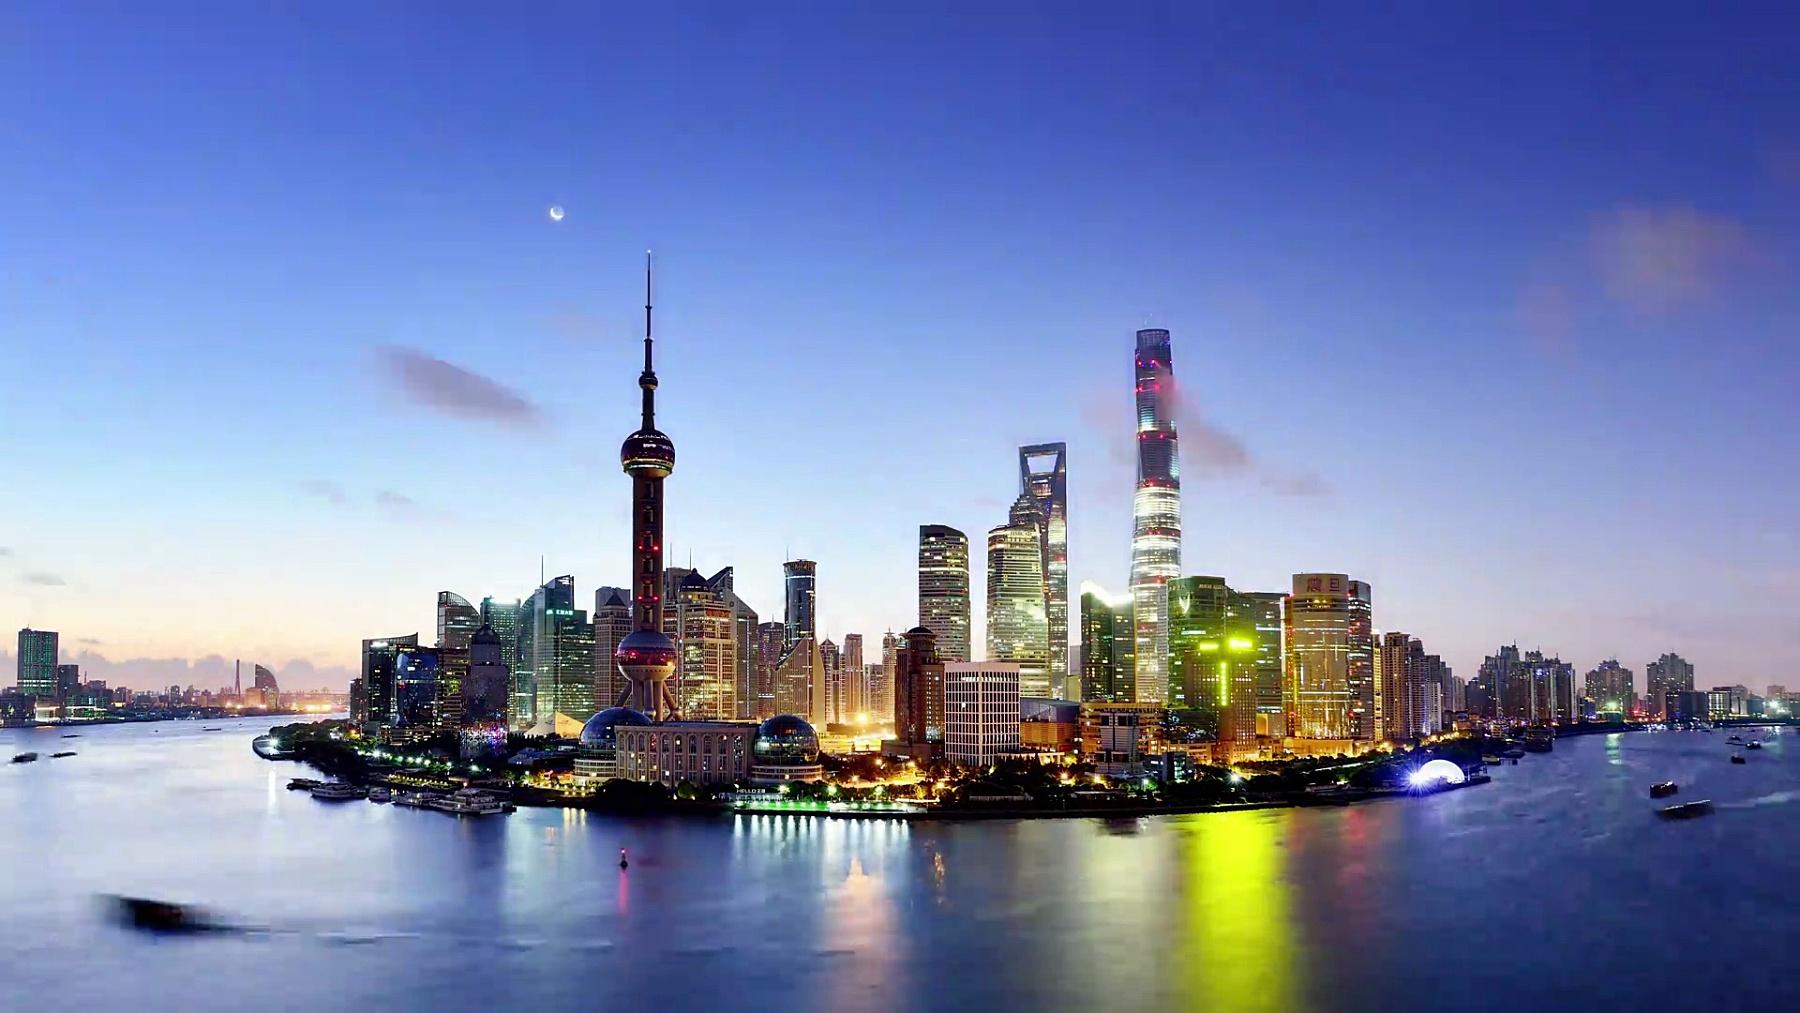 上海城市景观鸟瞰,中国上海